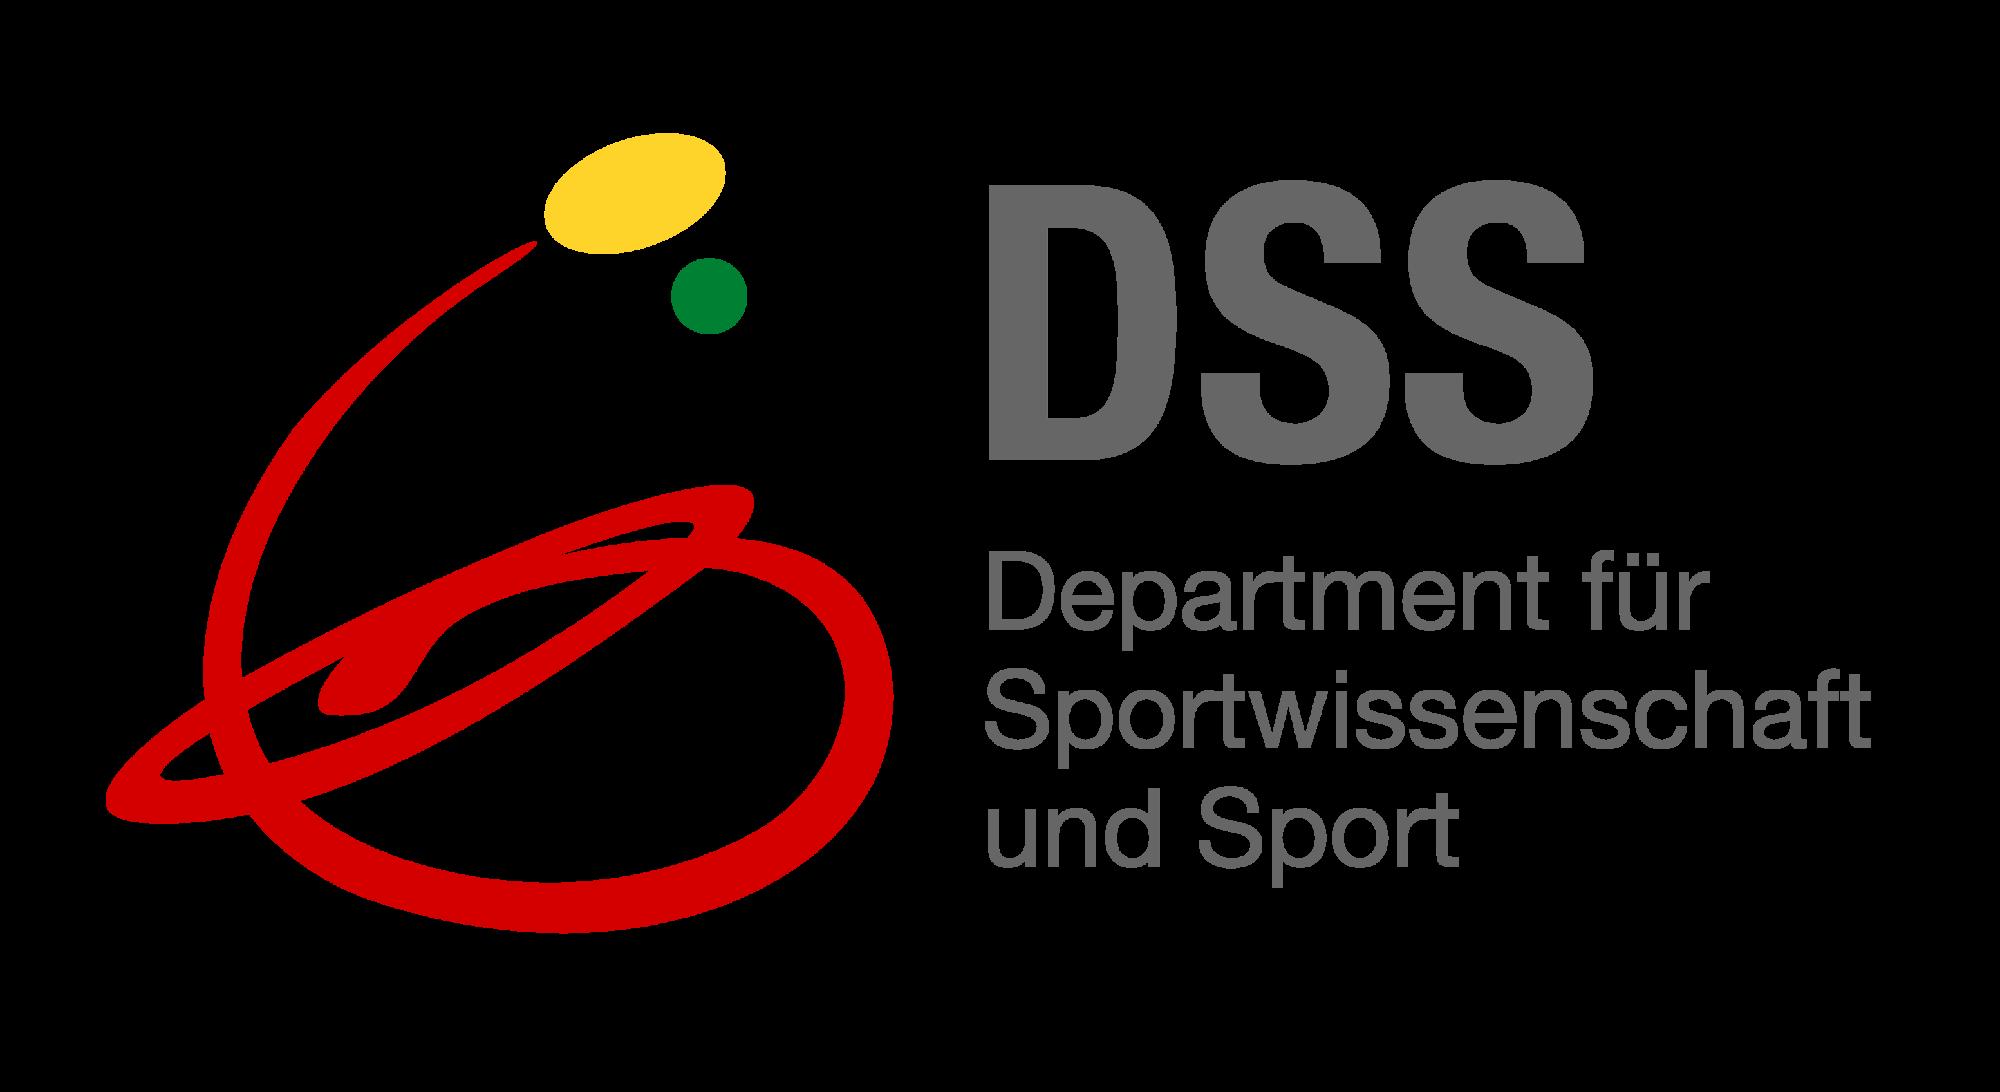 DSS_deutsch_farbig